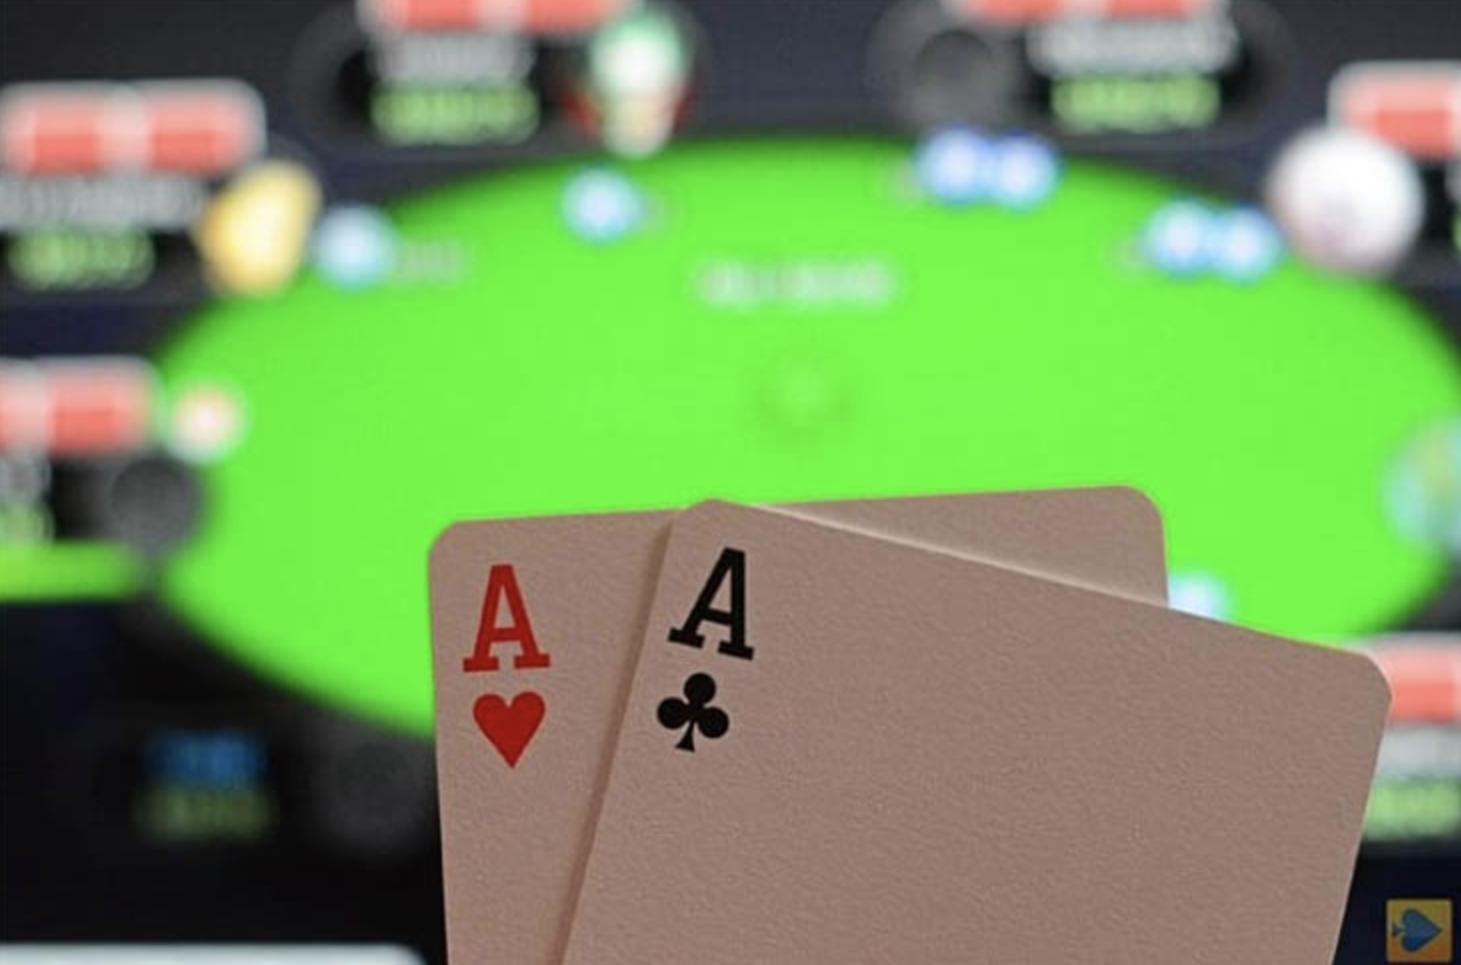 Quattro poker online free da giocare assolutamente